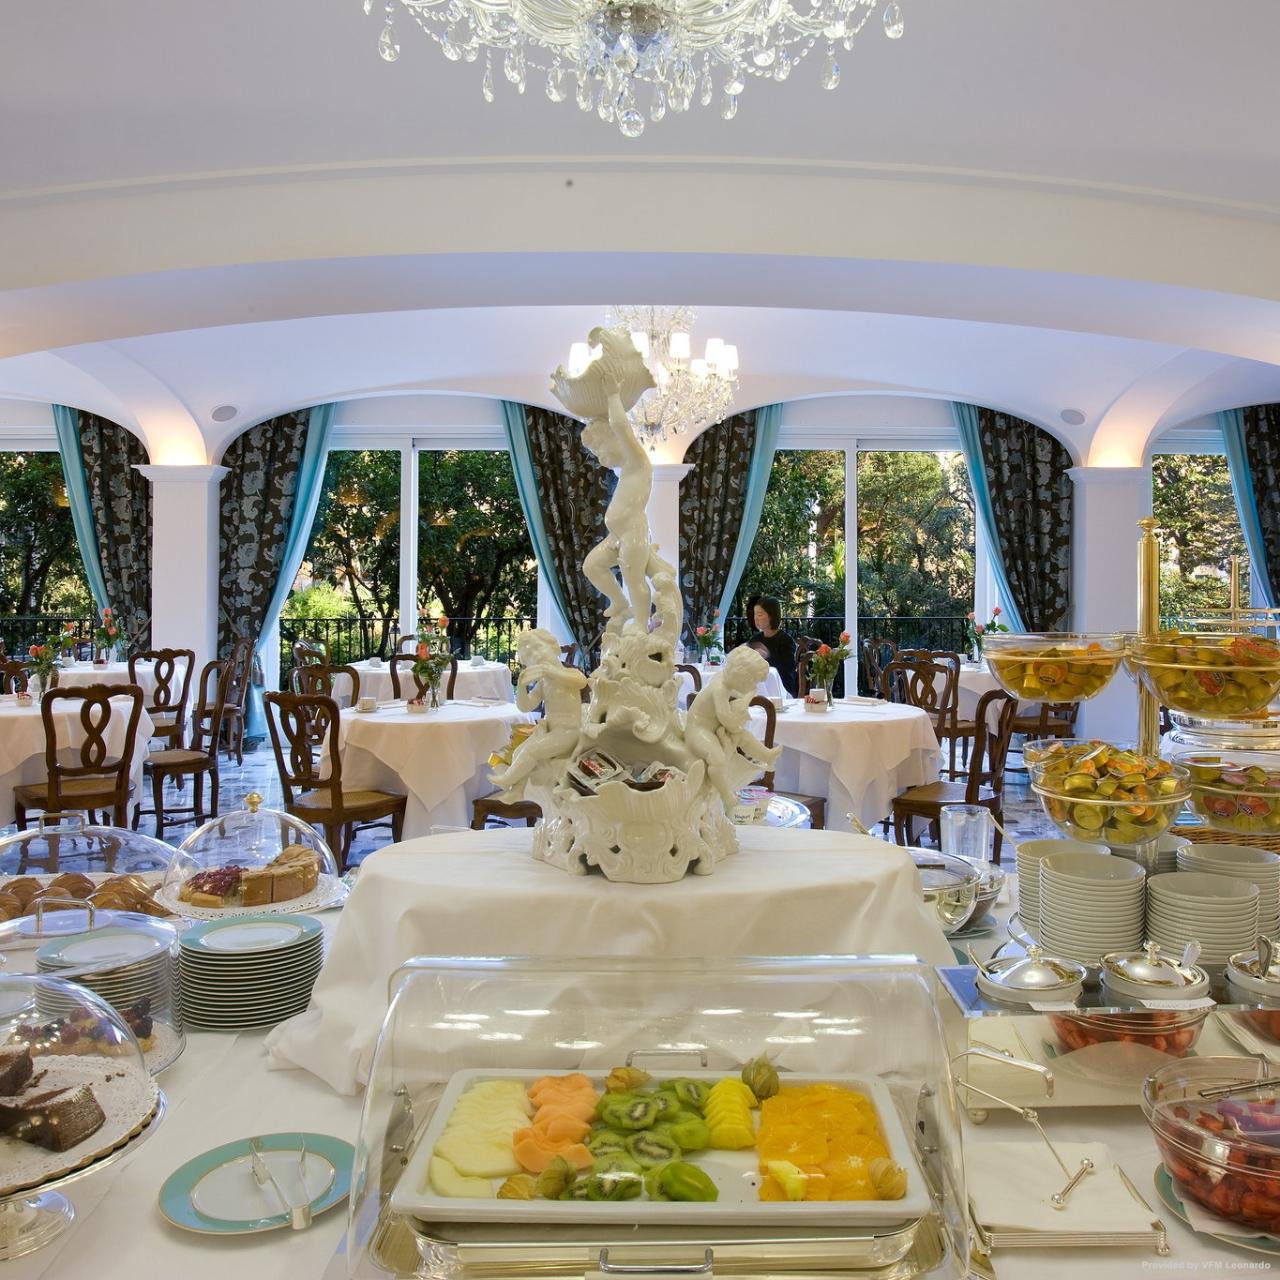 La Favorita Grand Hotel 5 Hrs Star Hotel In Sorrento Campania